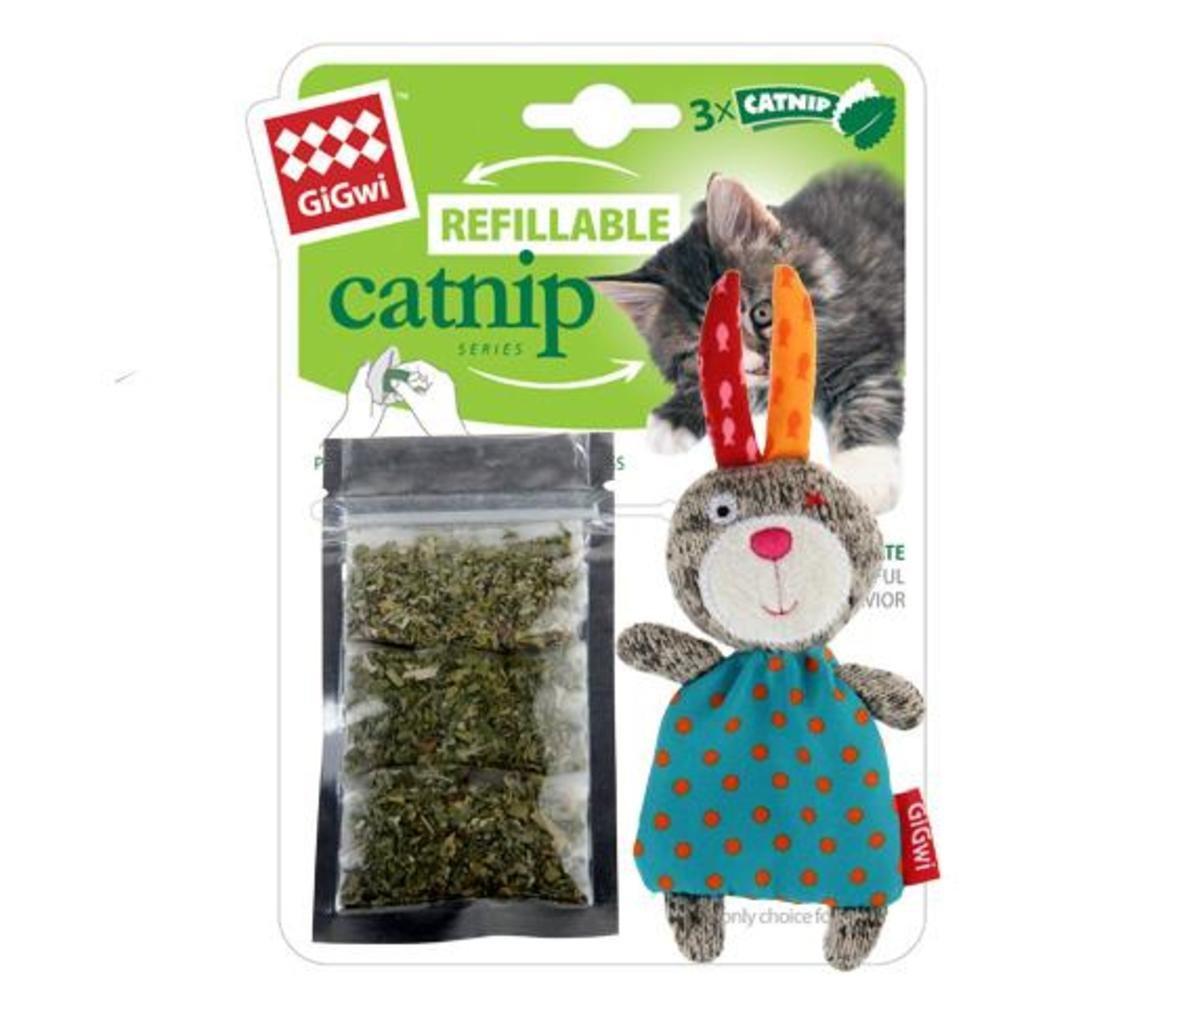 兔仔針織公仔貓玩具連貓草